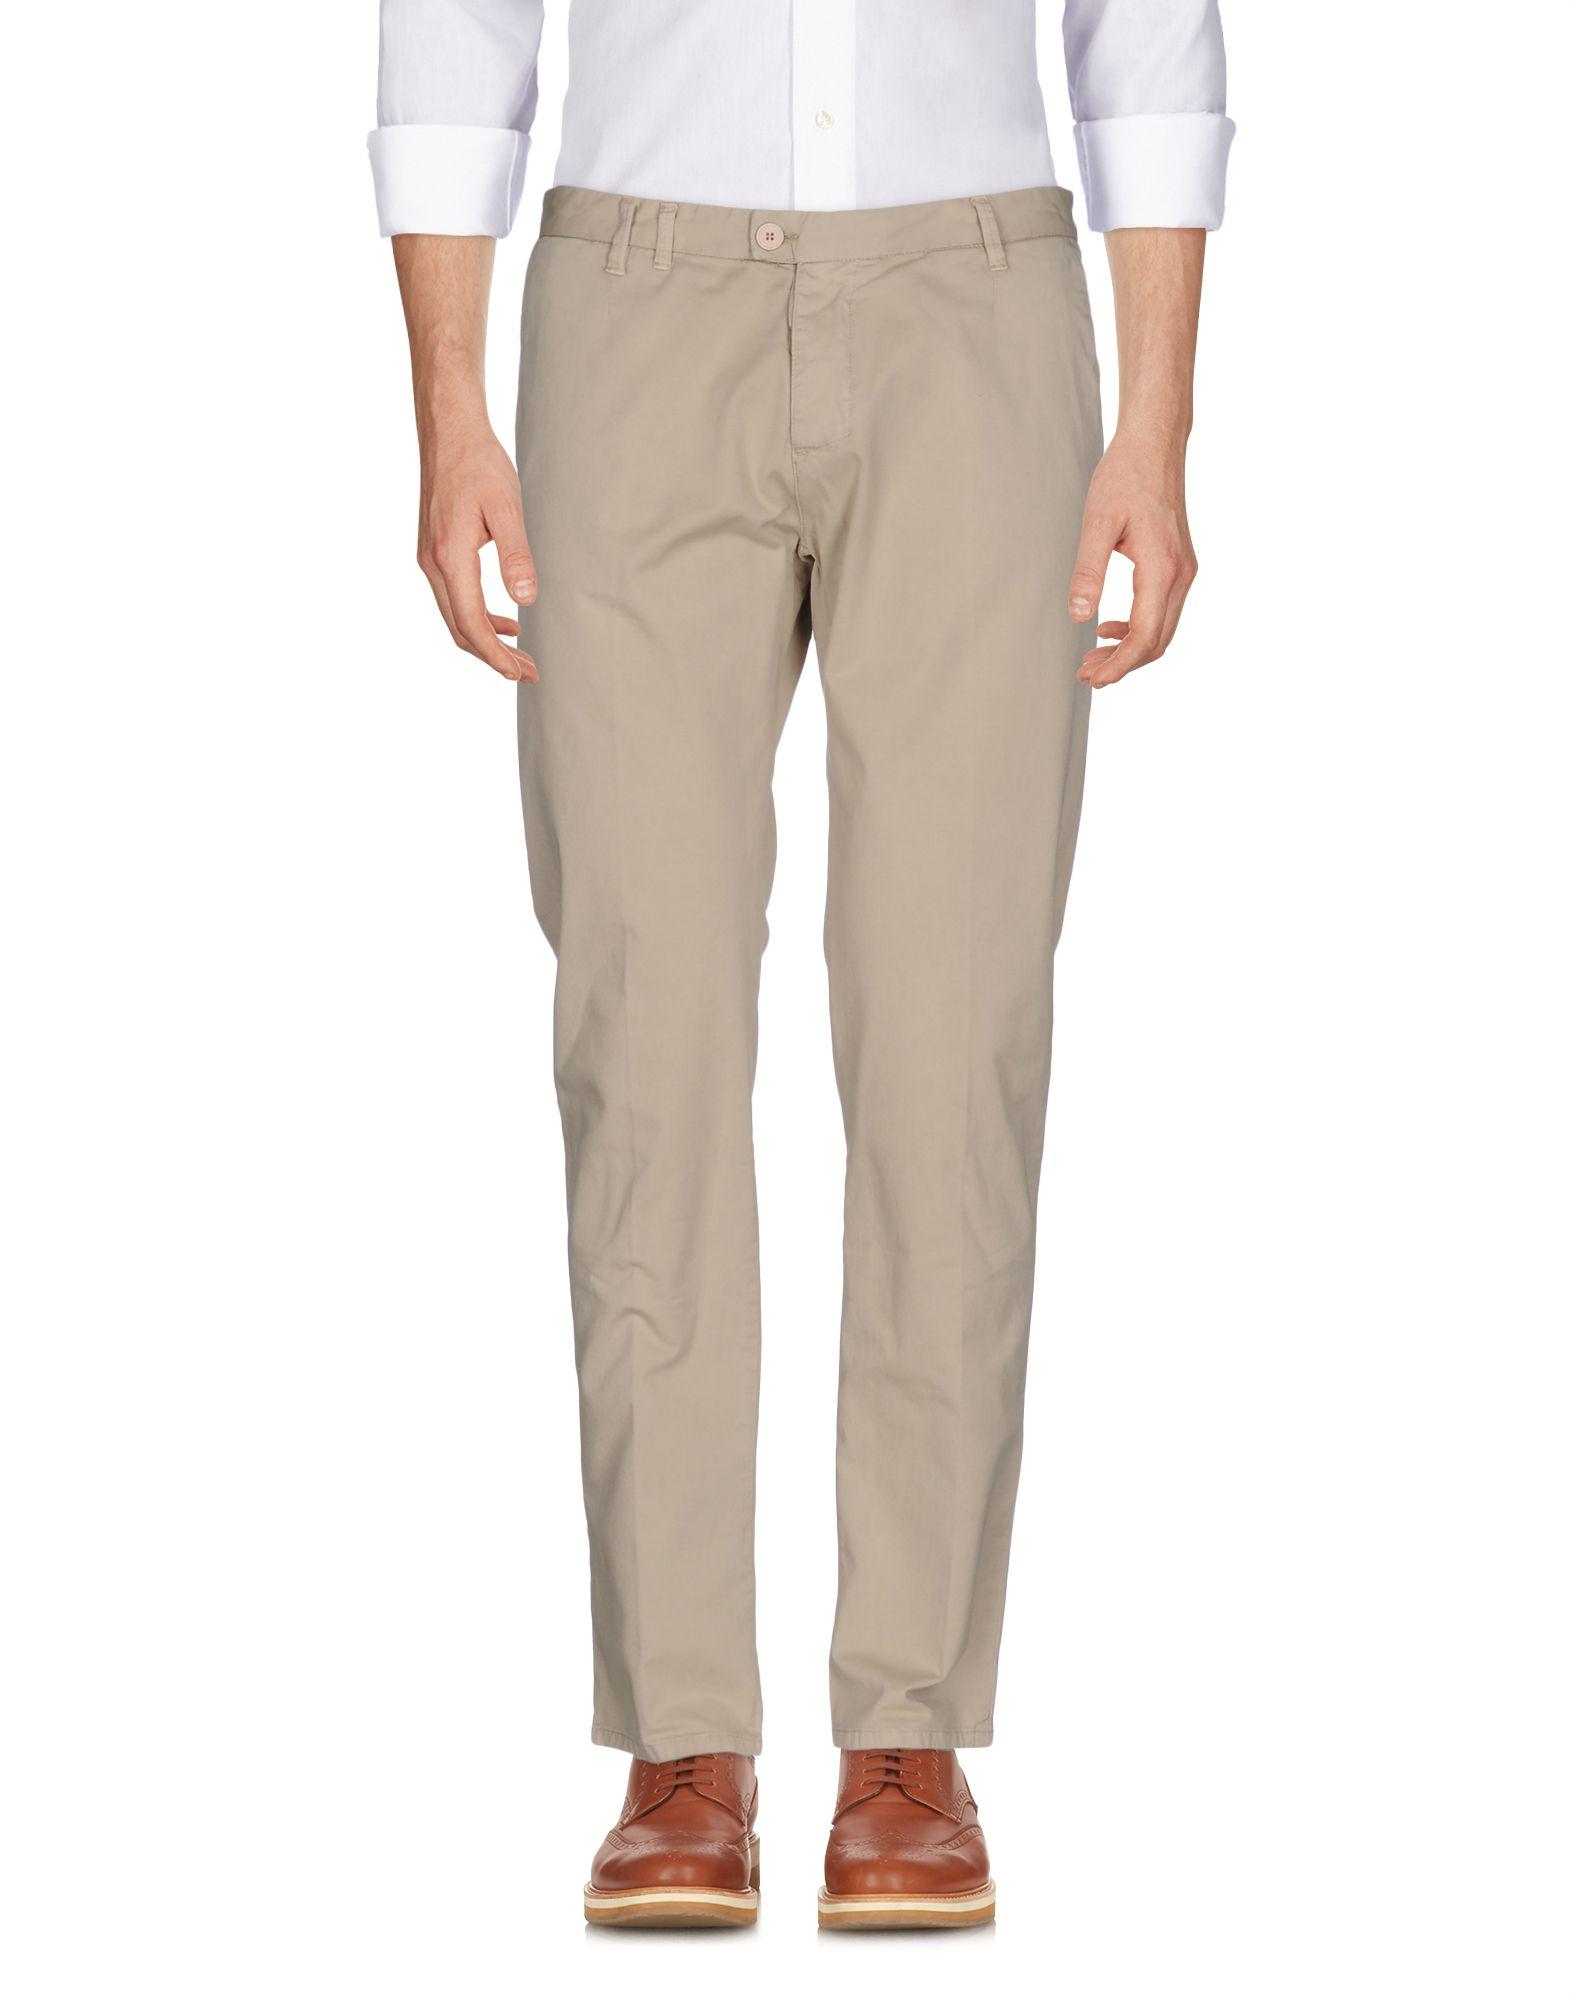 OFFICINA 36 Повседневные брюки брюки для беременных topshop 4 22